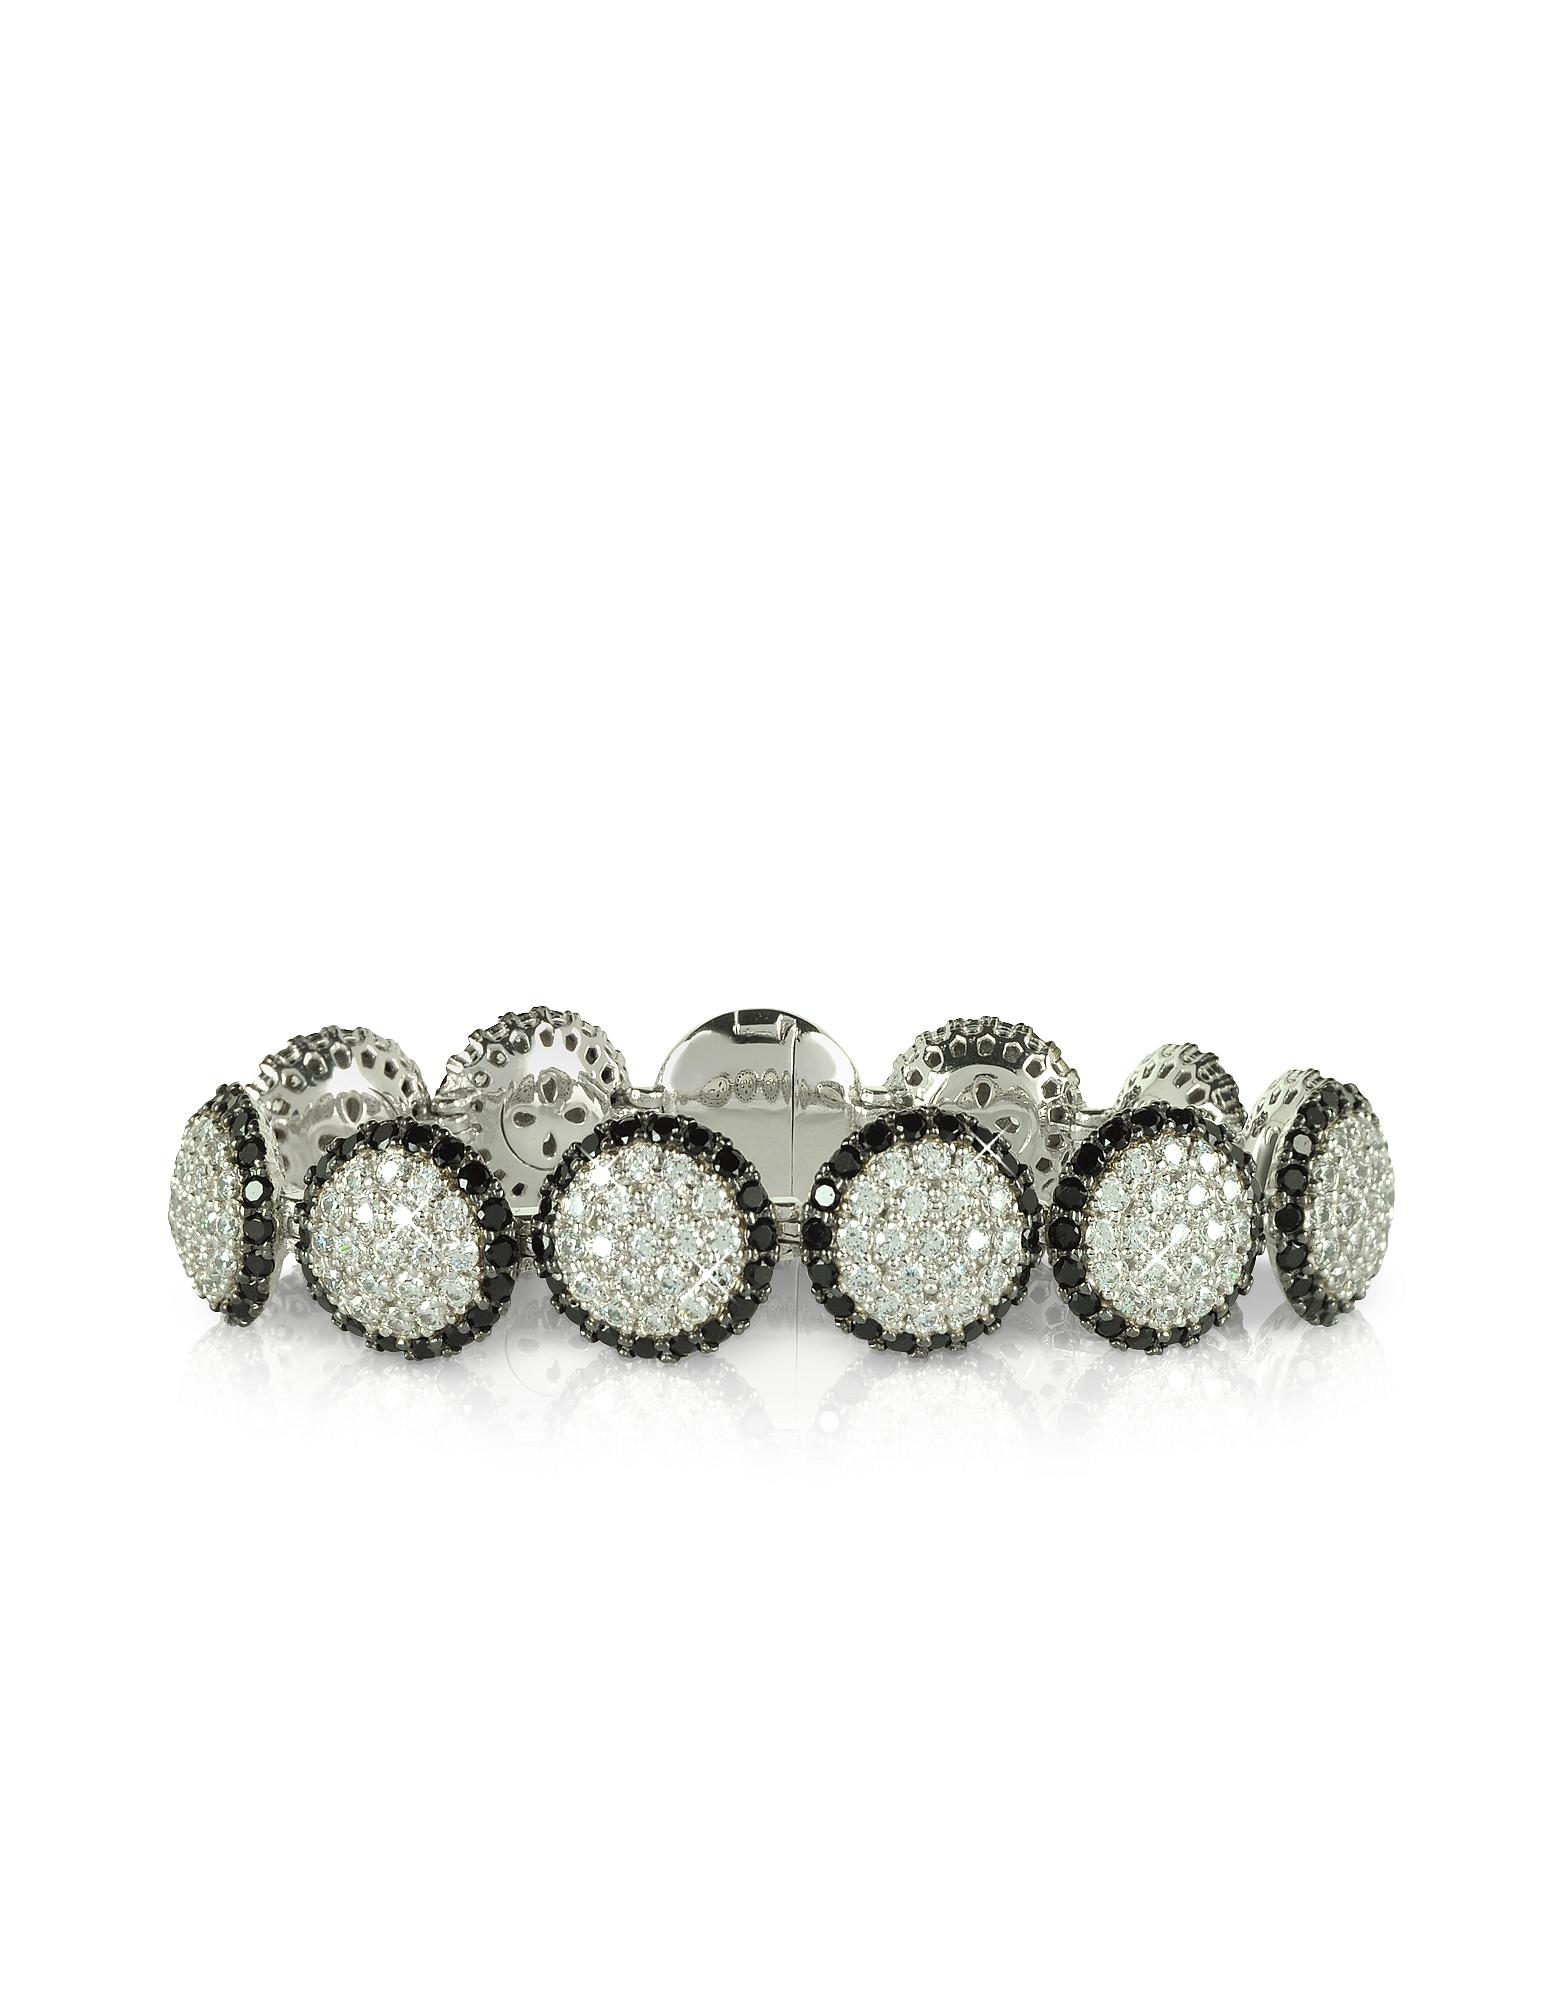 Azhar Bracelets, Two Tone Cubic Zirconia & Sterling Silver Bracelet